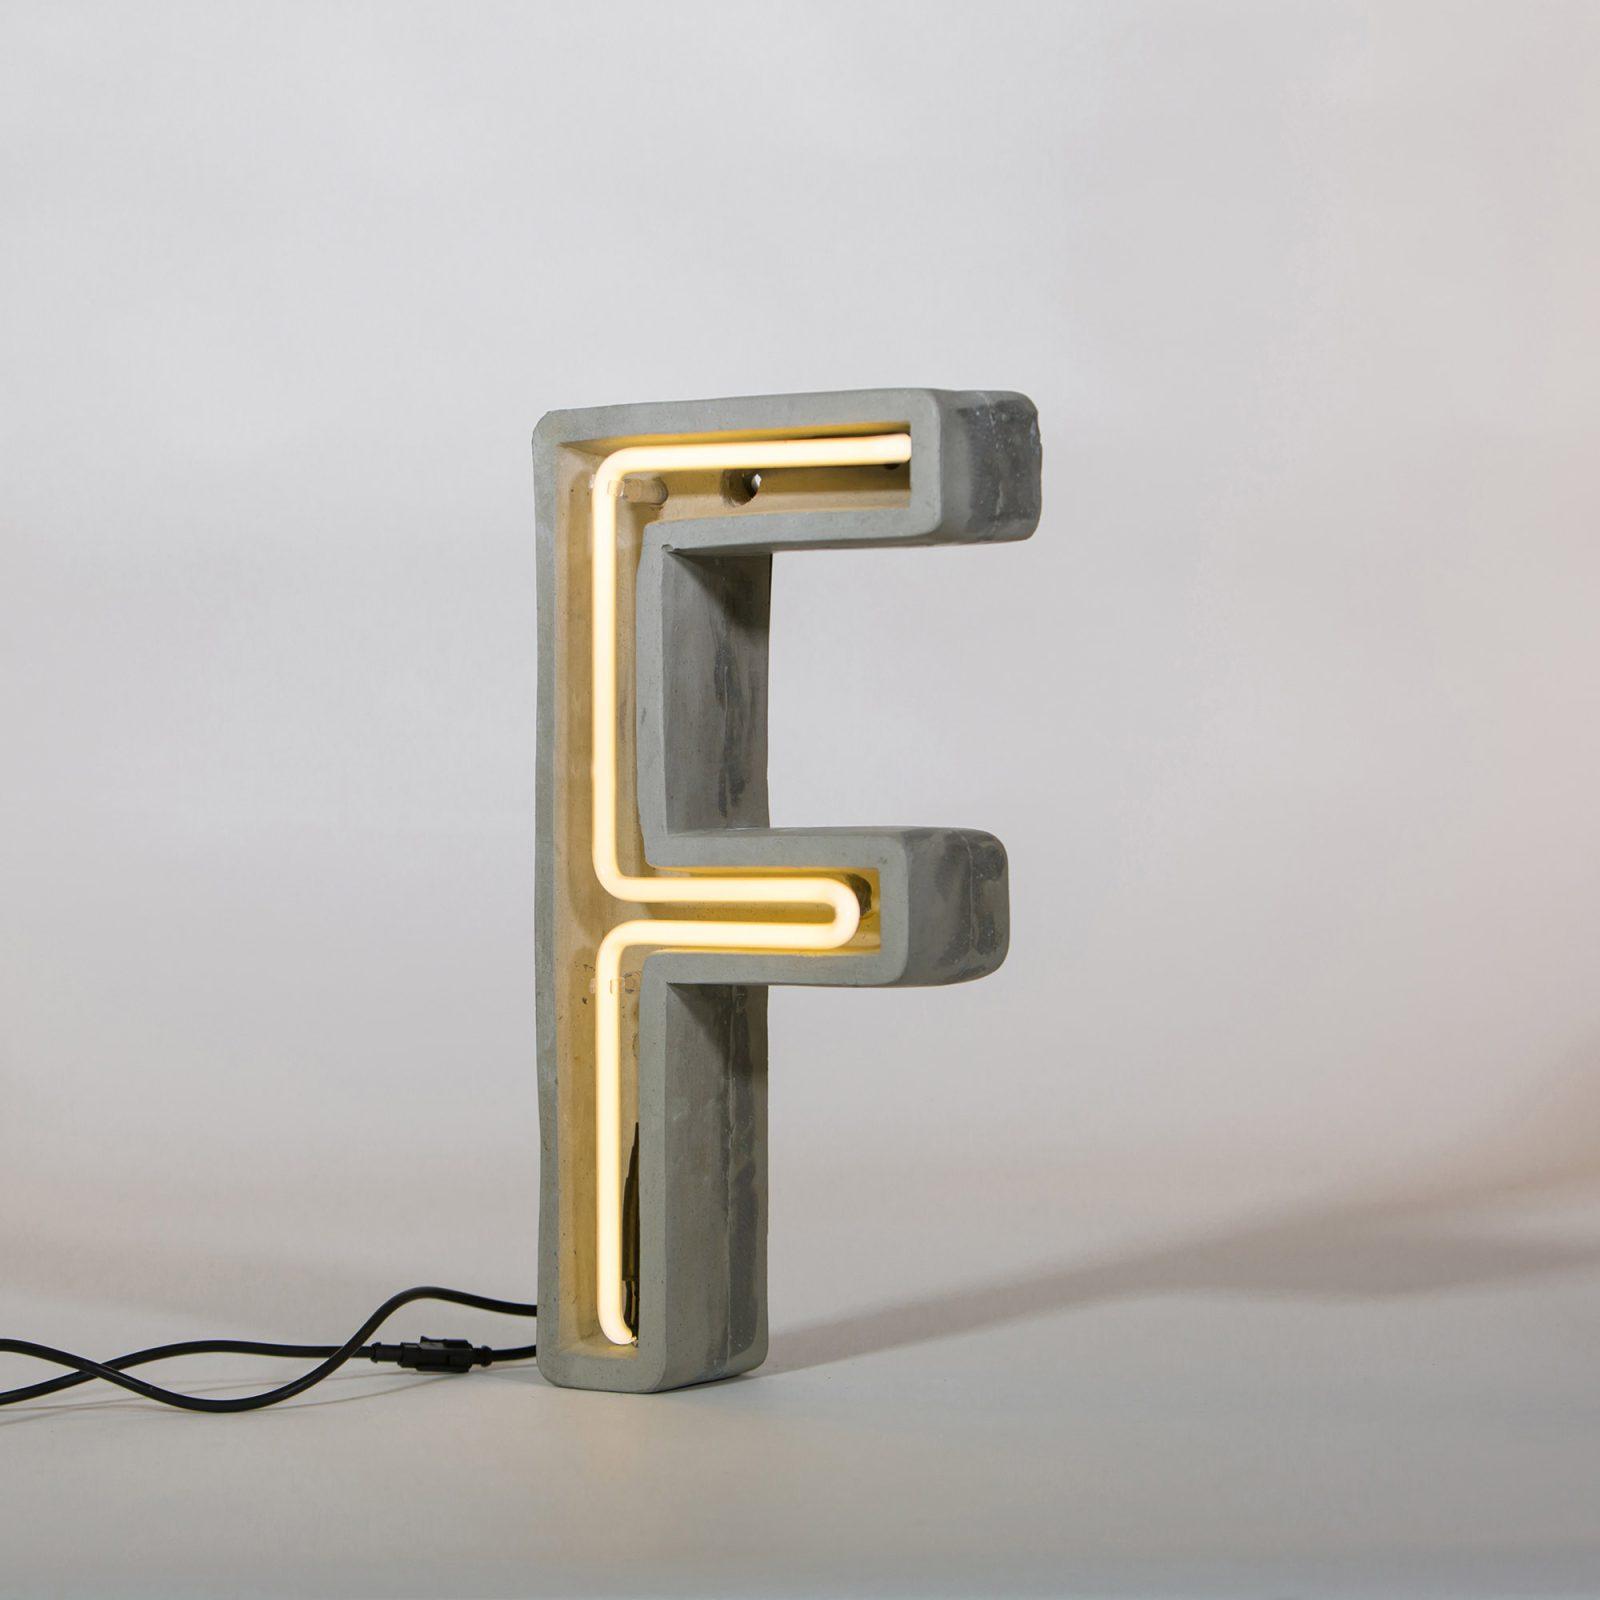 Alphacrete, Concrete Neon Light – F-32175